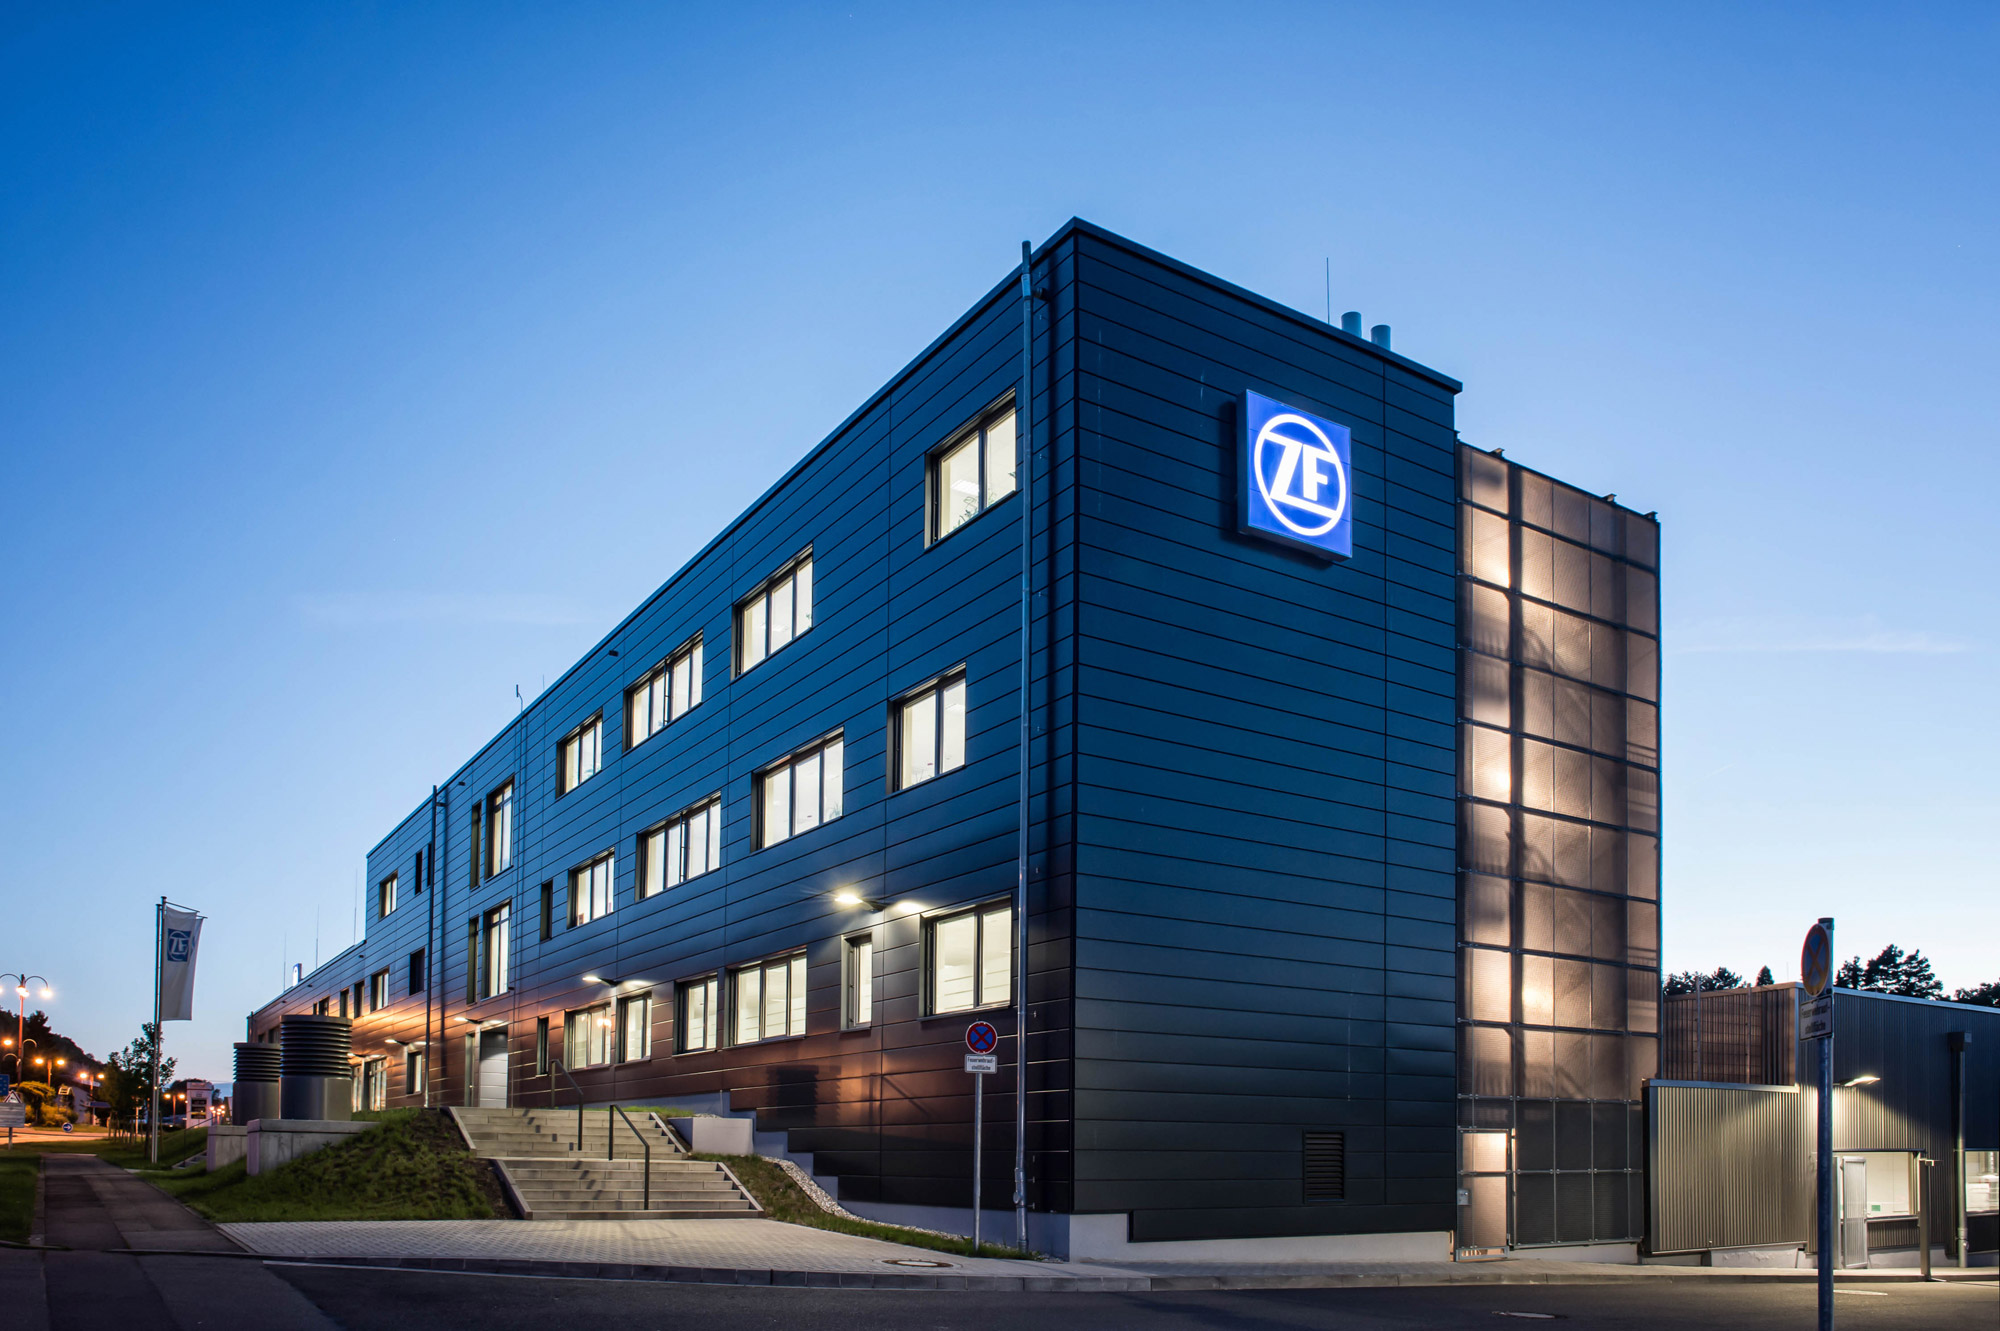 Verwaltungsgebäude ZF